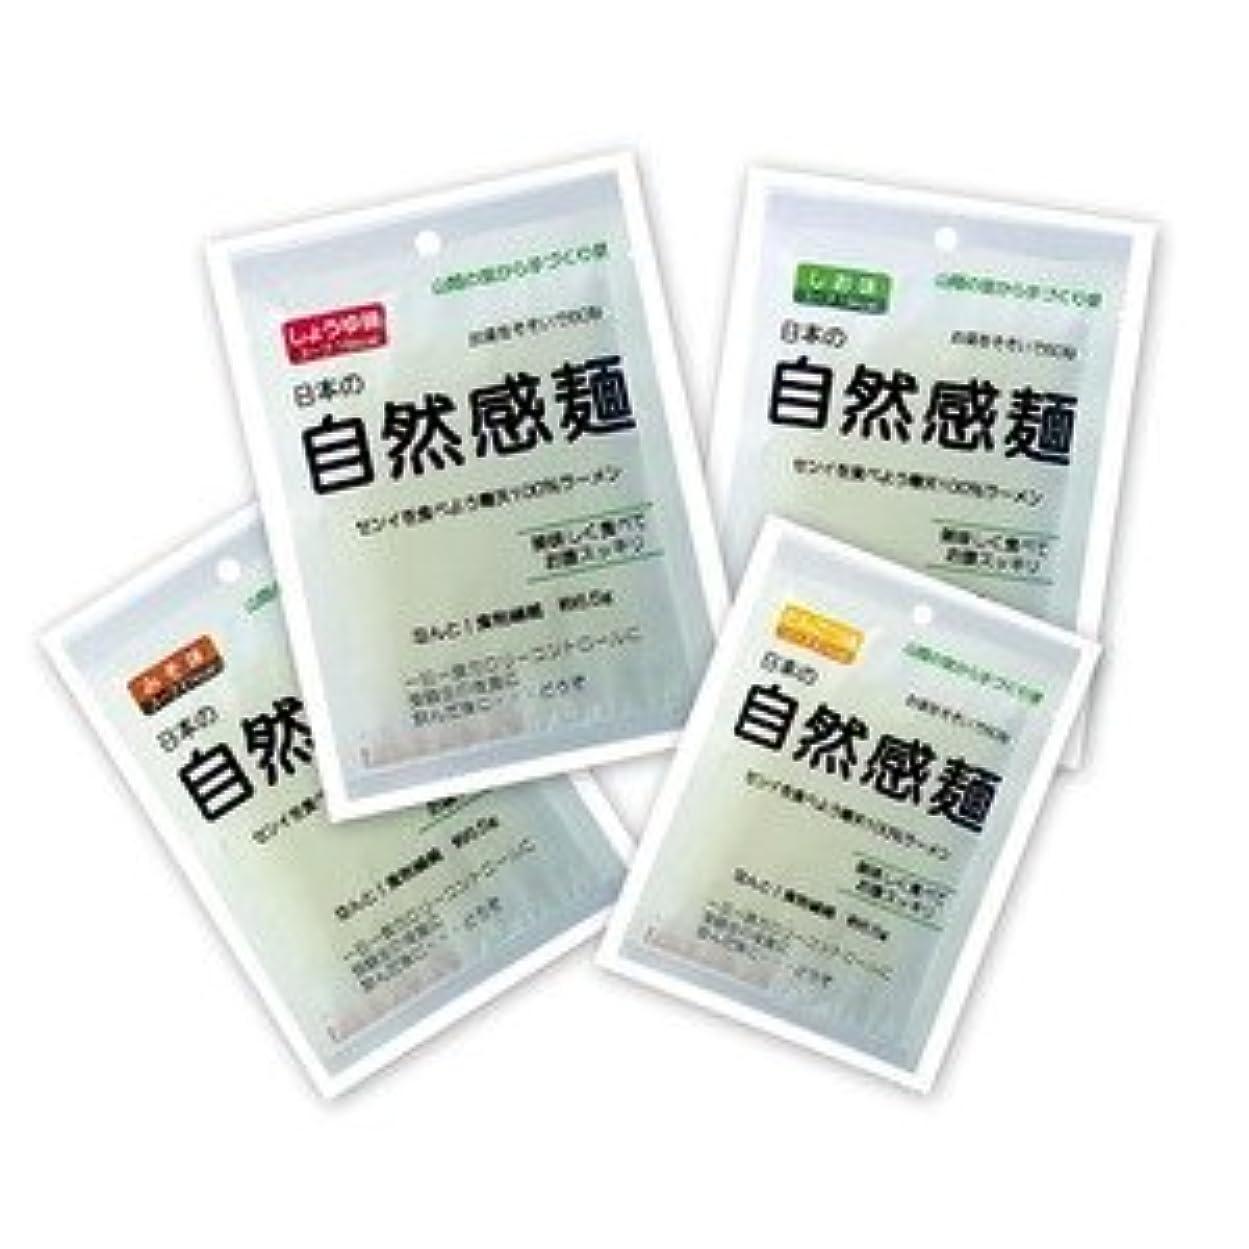 天皇翻訳者比べる自然寒天ラーメン/ダイエット食品 【4味5食セット】 しょうゆ味?みそ味?しお味?とんこつ味 日本製